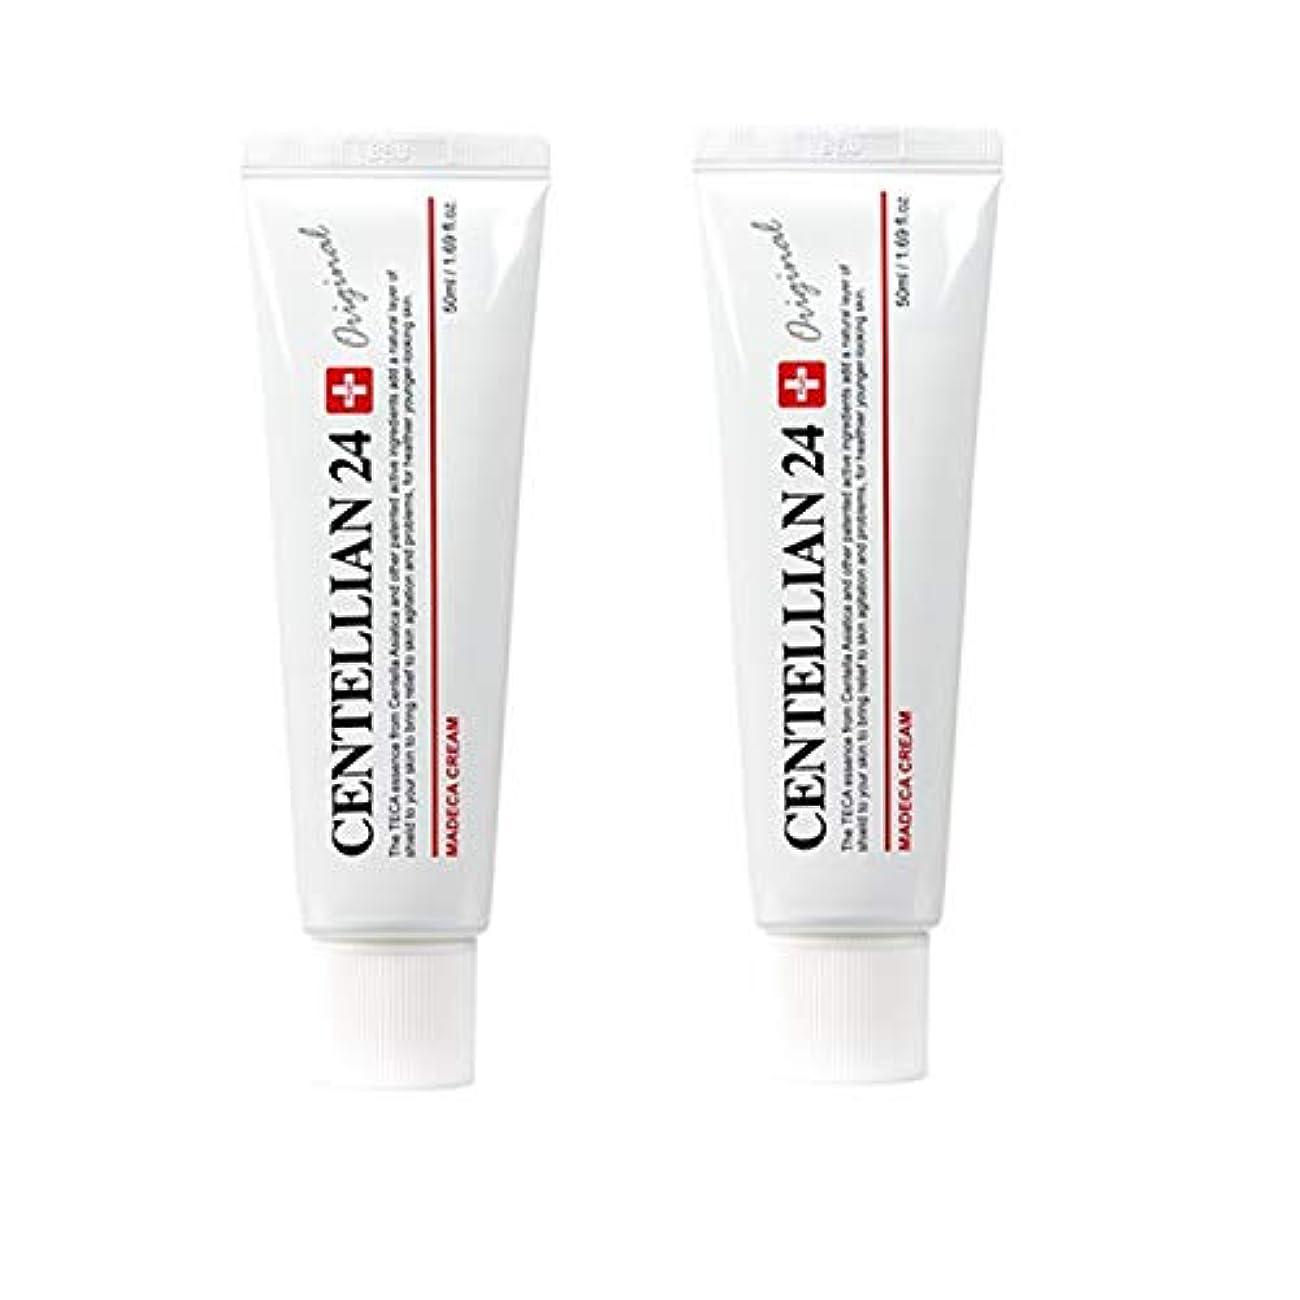 型存在面積センテルリアン24マデカクリム50ml x 2本セット肌の保湿損傷した肌のケア東国 韓国コスメ、Centellian24 Madeca Cream 50ml x 2ea Set Skin Moisturizing Damaged...